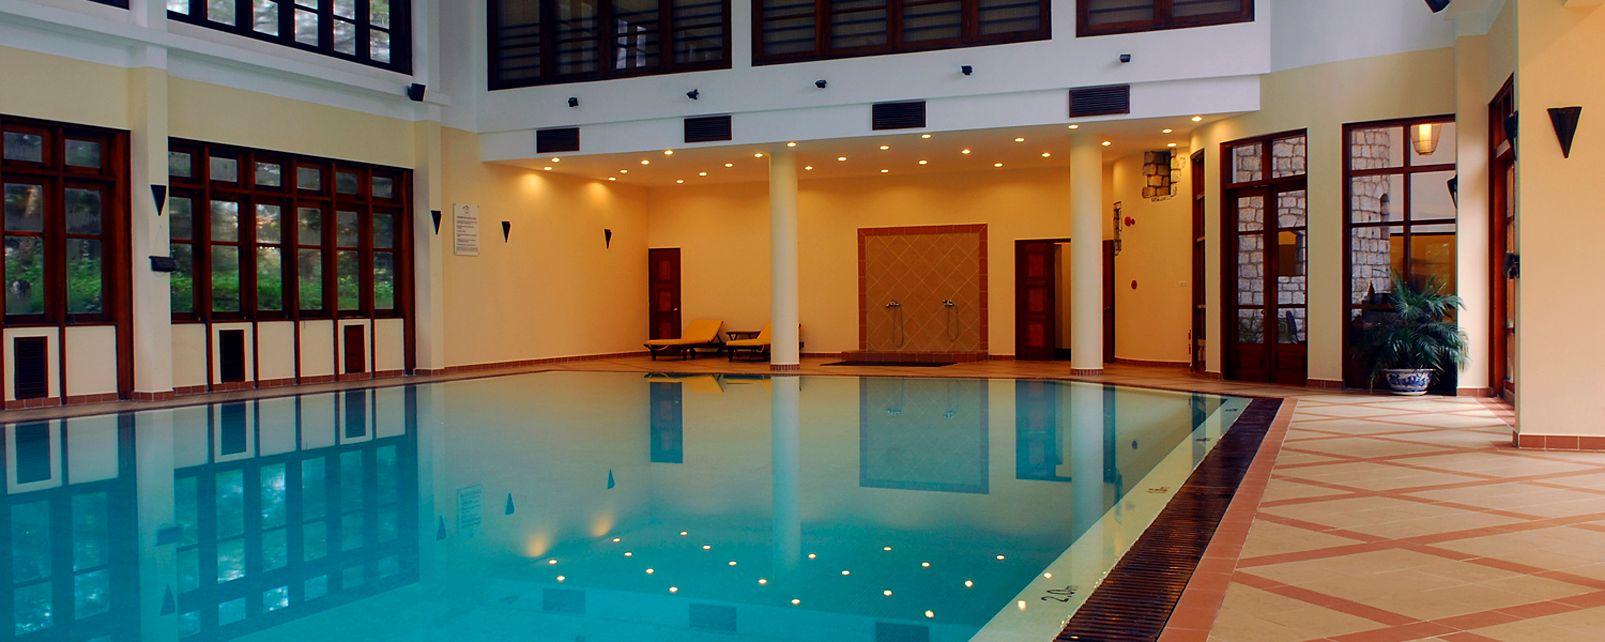 Hotel Victoria Sapa